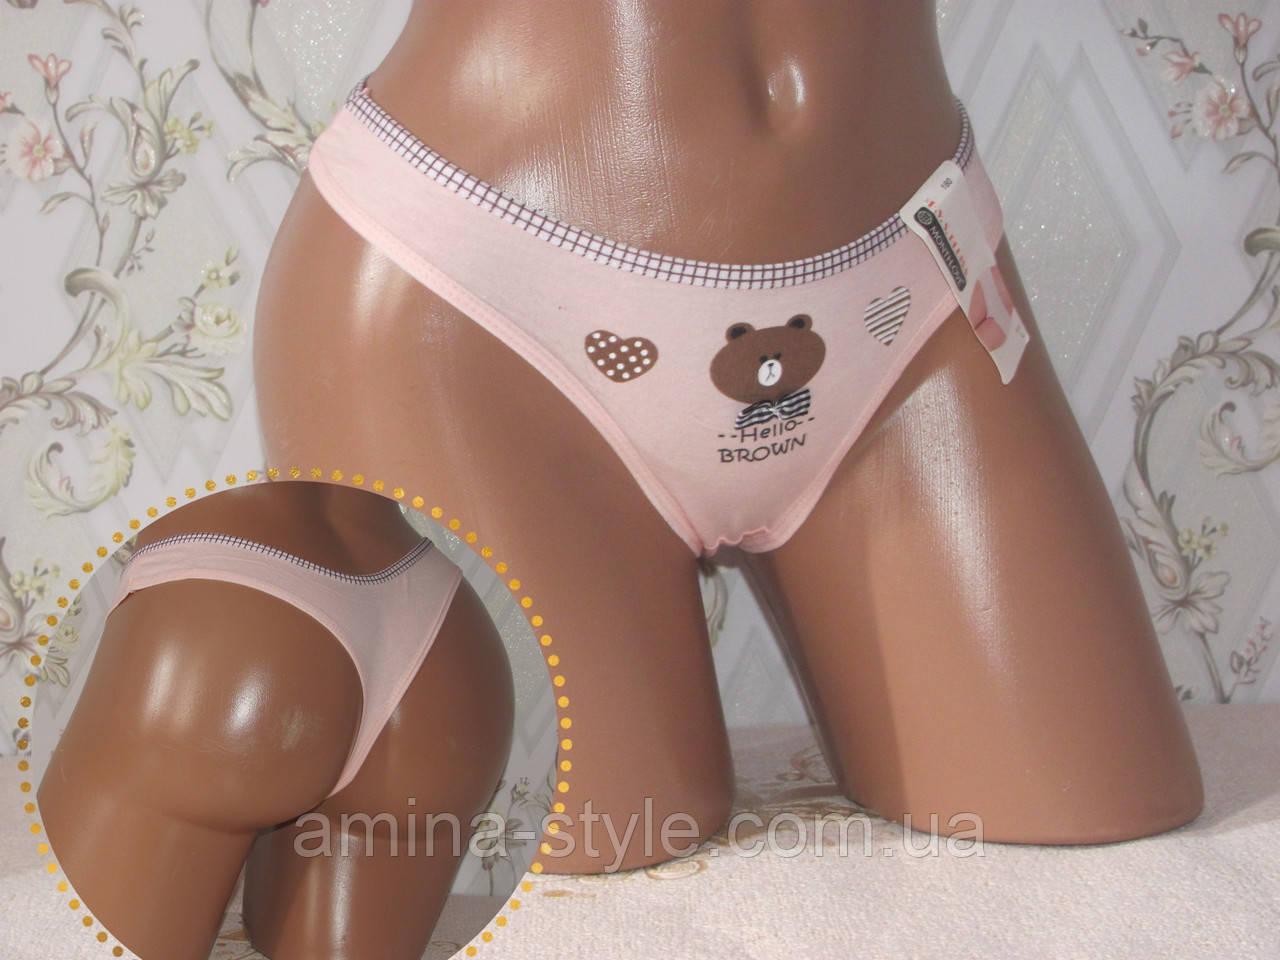 Женское нижнее бельё, стринги бикини хлопок. Размер 42-46